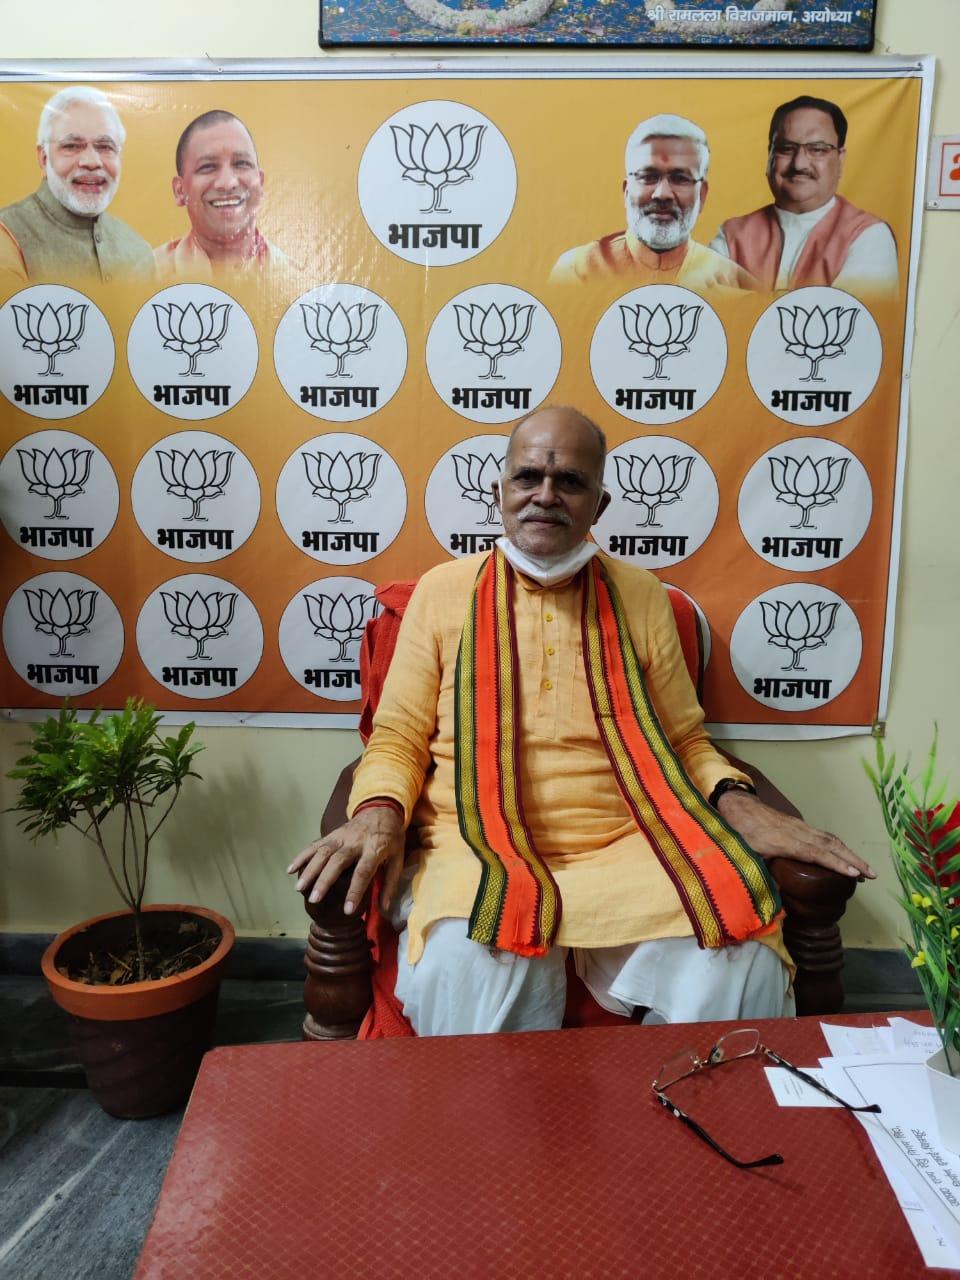 चित्रकूट के भाजपा विधायक चंद्रिका प्रसाद उपाध्याय ने भी भारतीय संस्कृति की रक्षा की बात कही। चंद्रिका संघ के पुराने और बहुत मजबूत कार्यकर्ता रहे हैं।